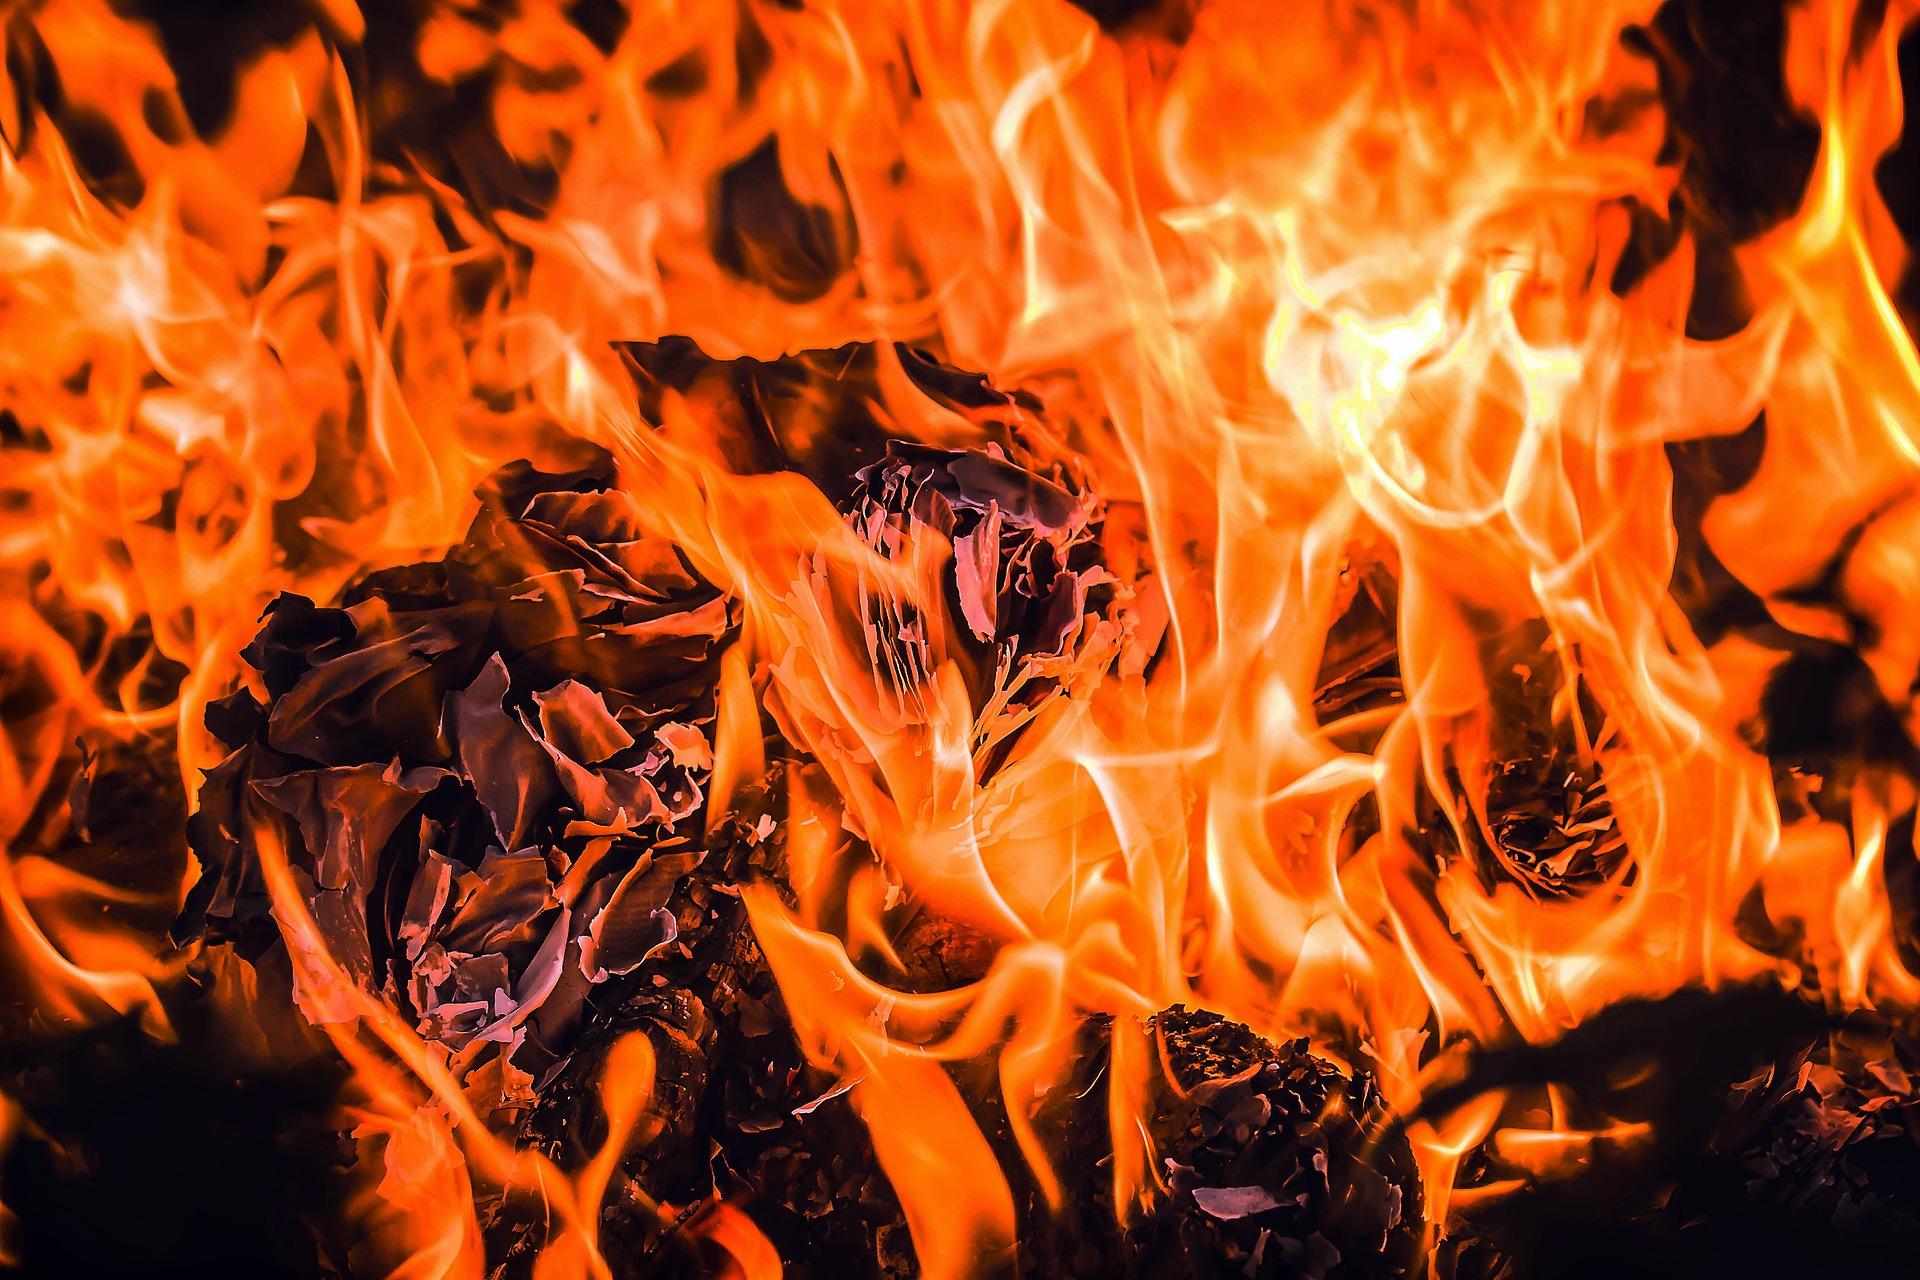 fire-1672632_1920